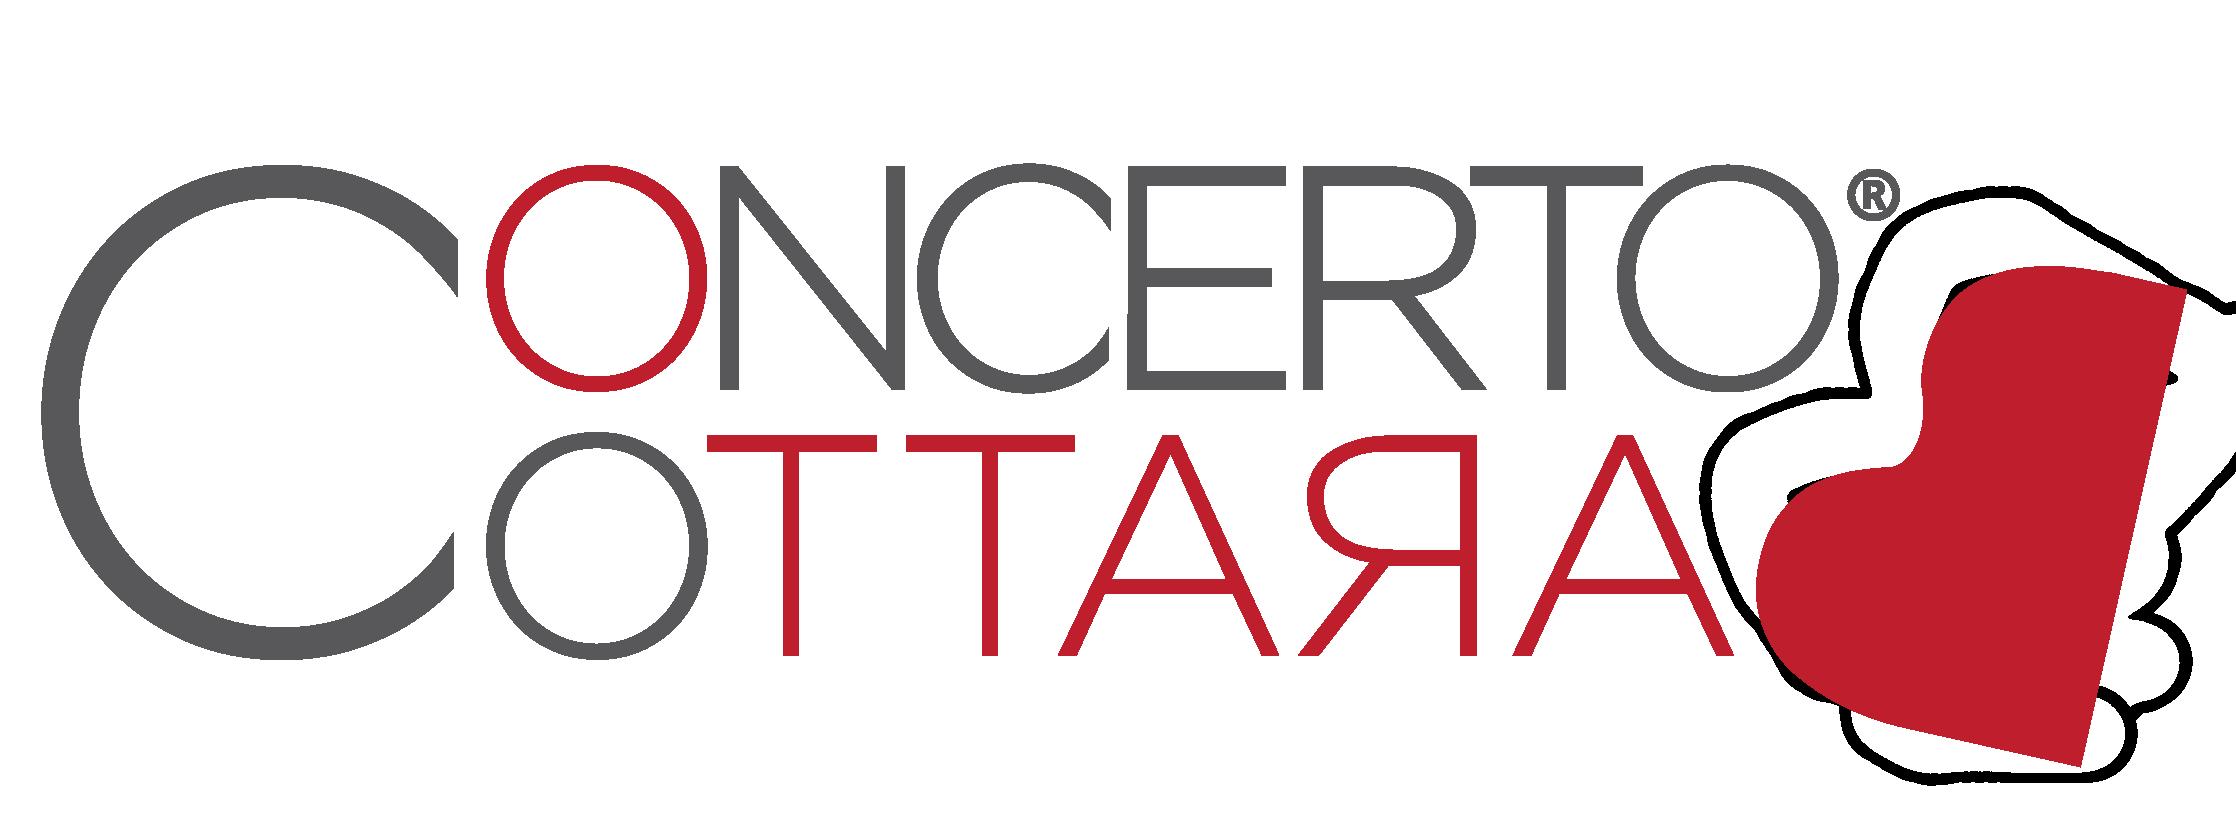 Concerto Baratto